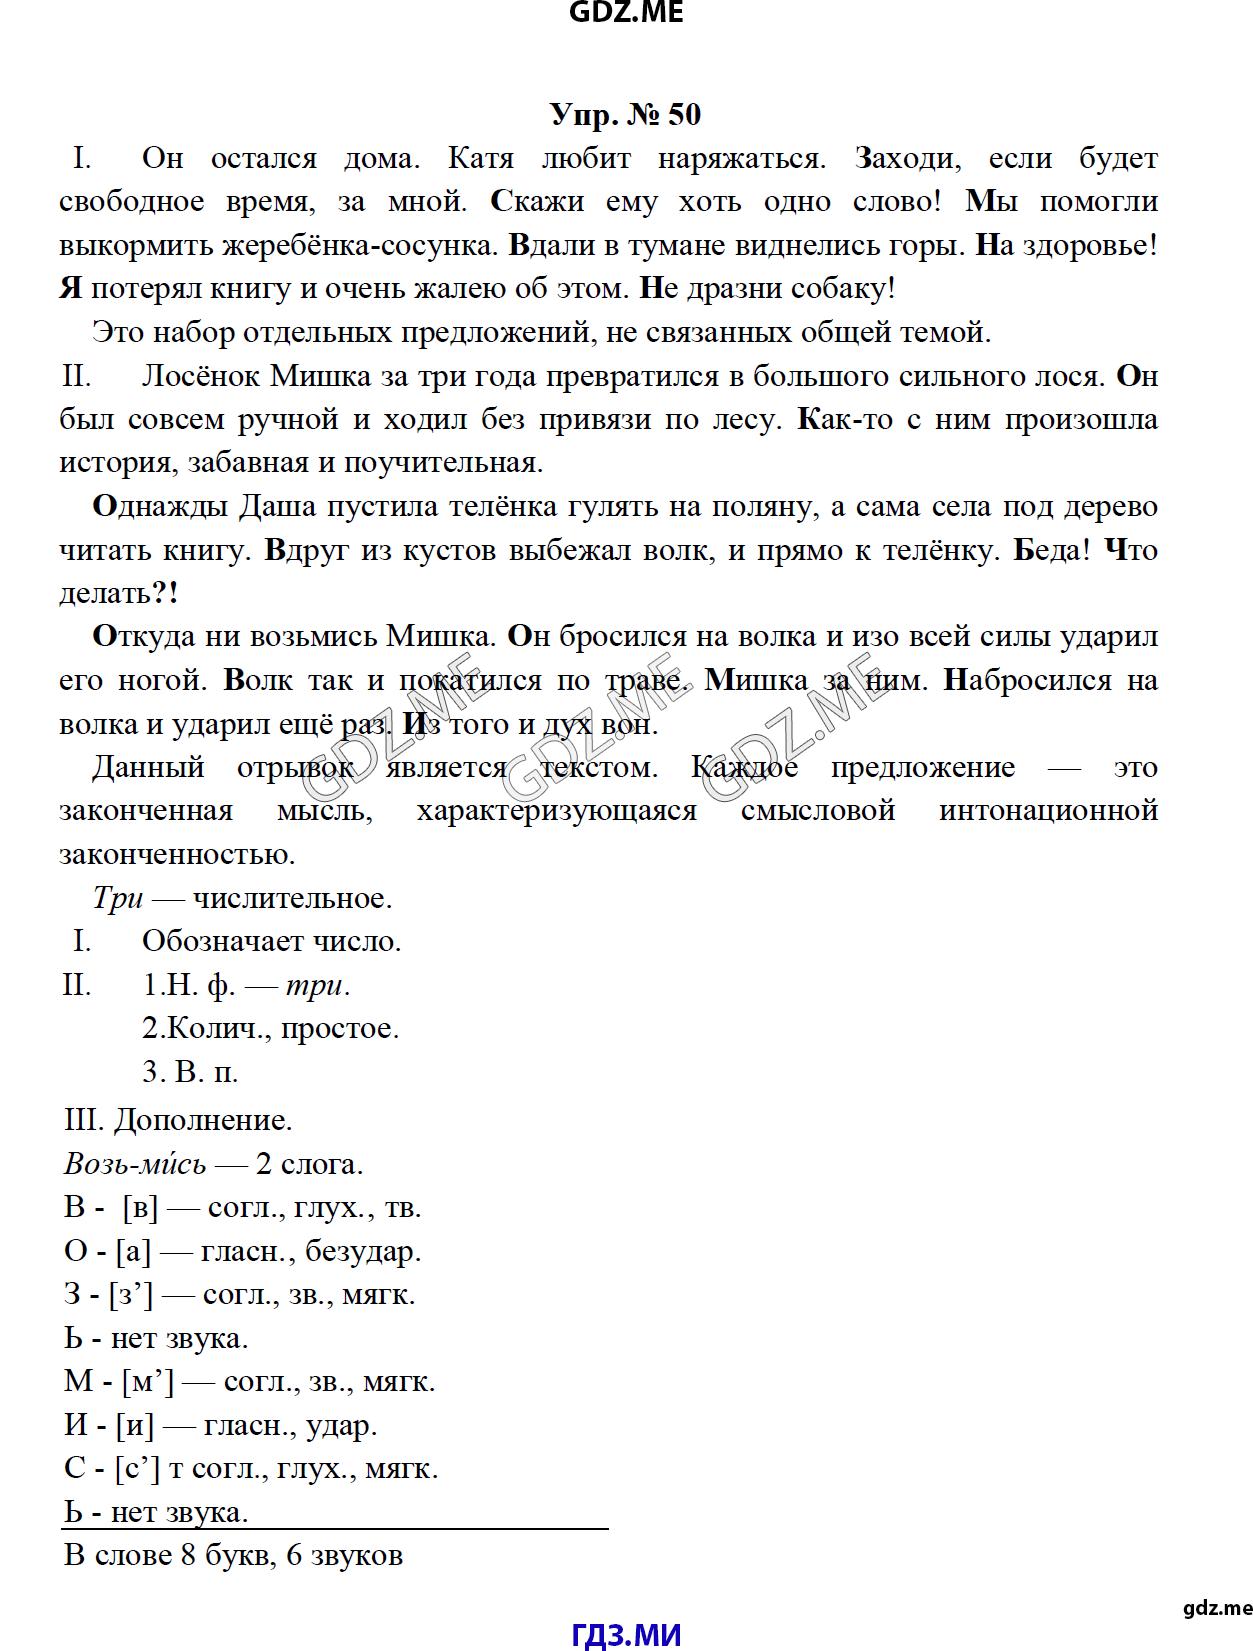 Скачать гдз по русский язык 8 класс тростенцова л.а ладыженская т.а и др